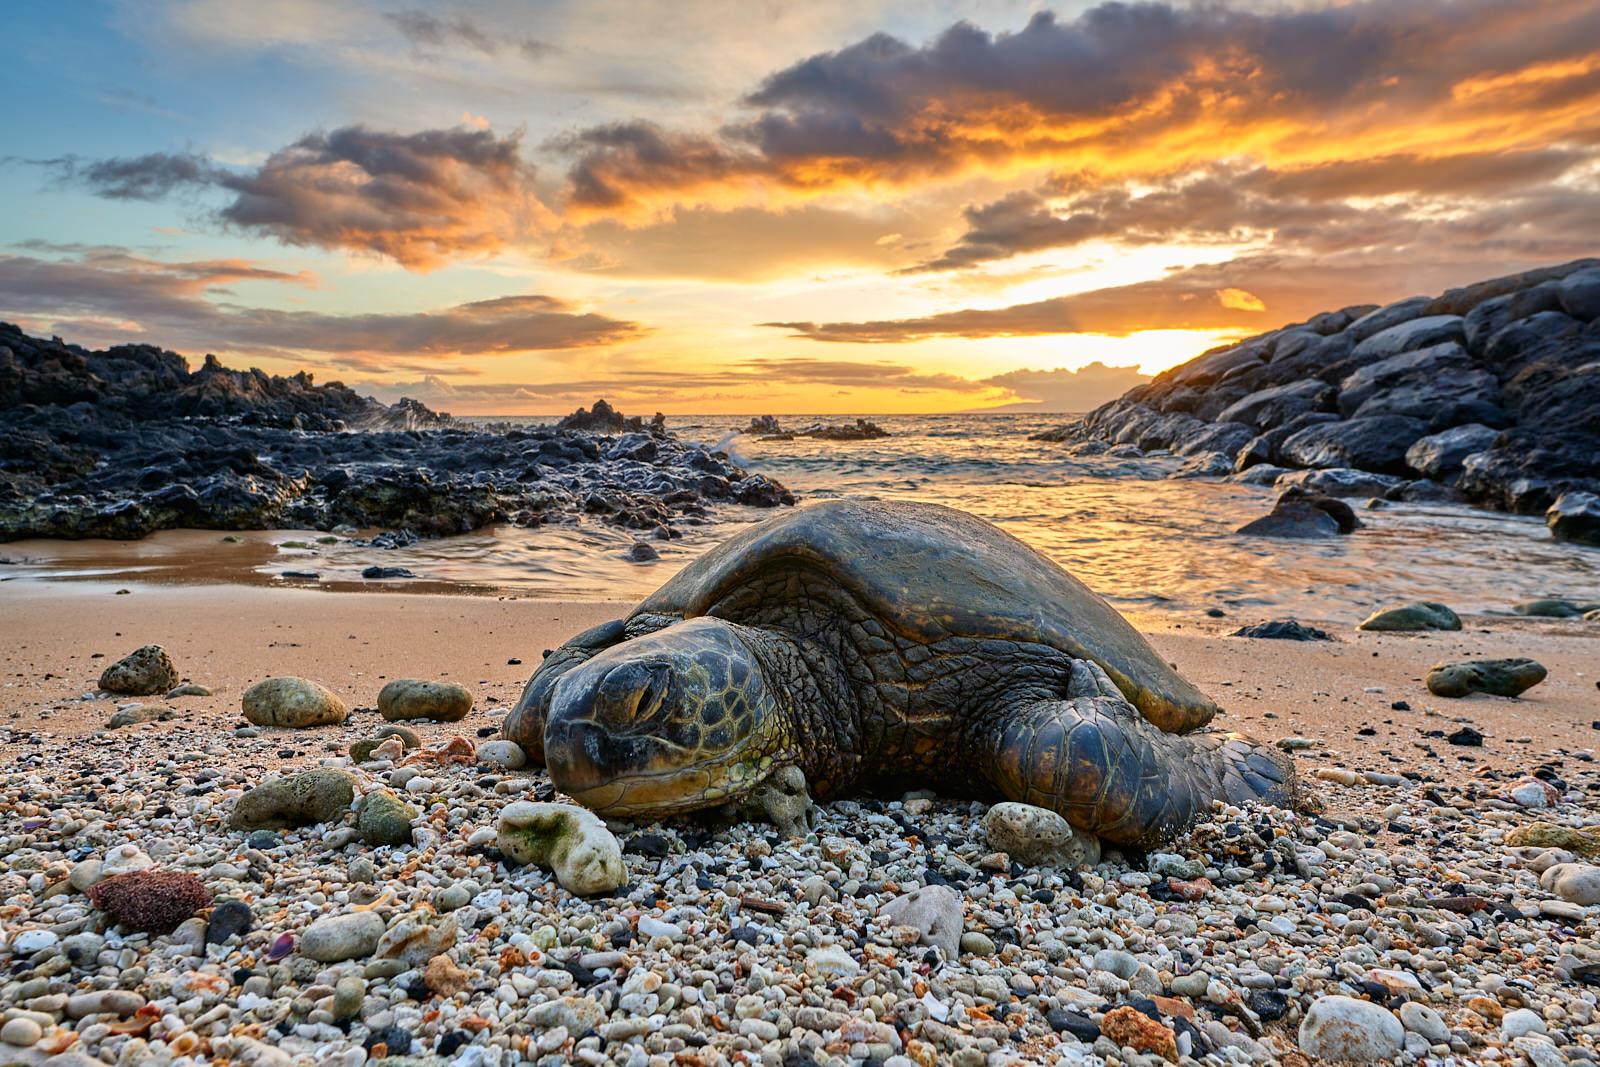 a Hawaiian sea turtle basks on a warm coral beach in Kihei, Hawaii